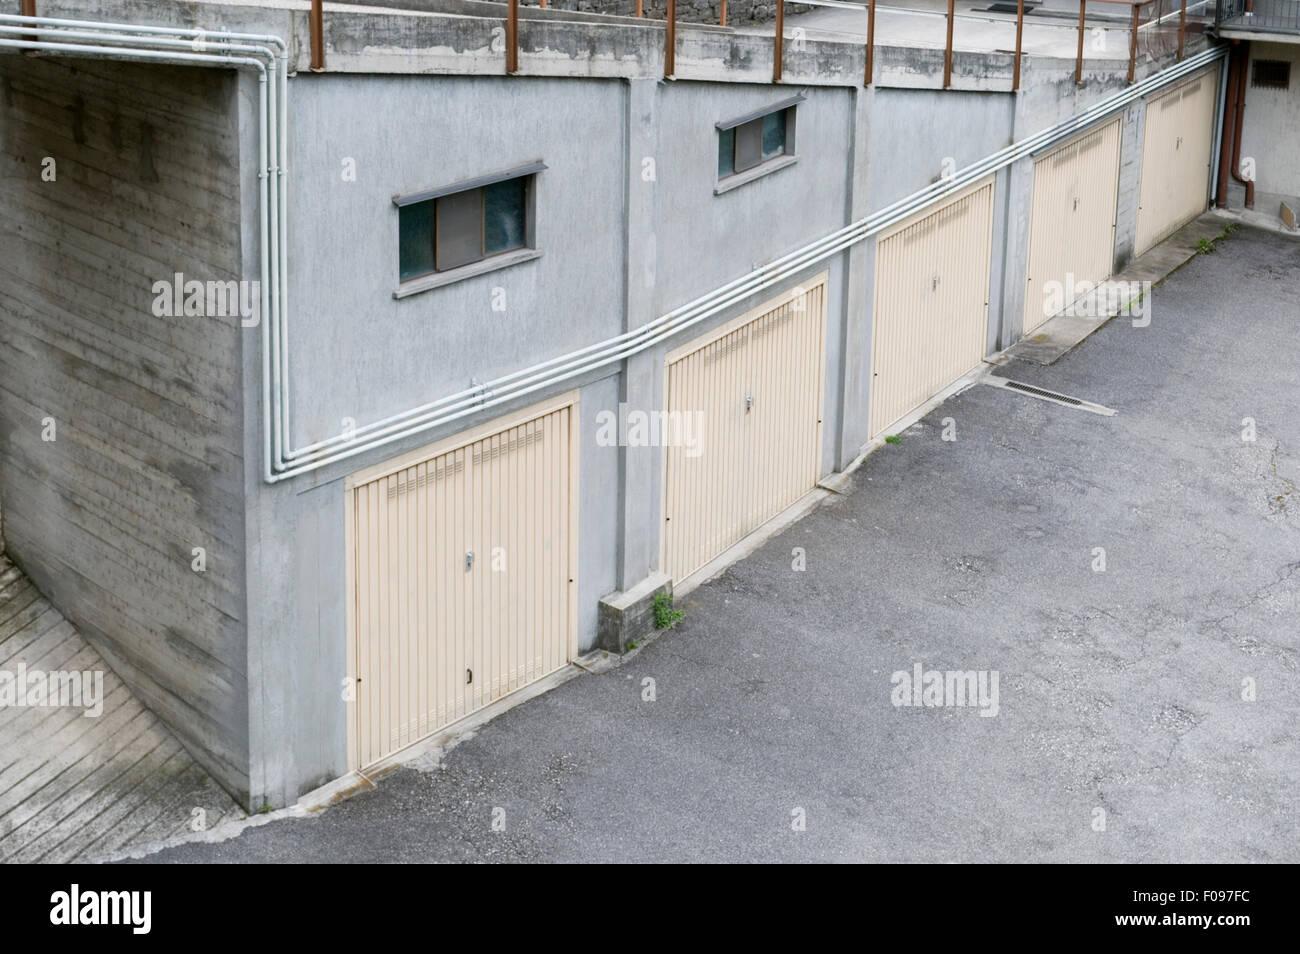 Garajes, Italia Imagen De Stock